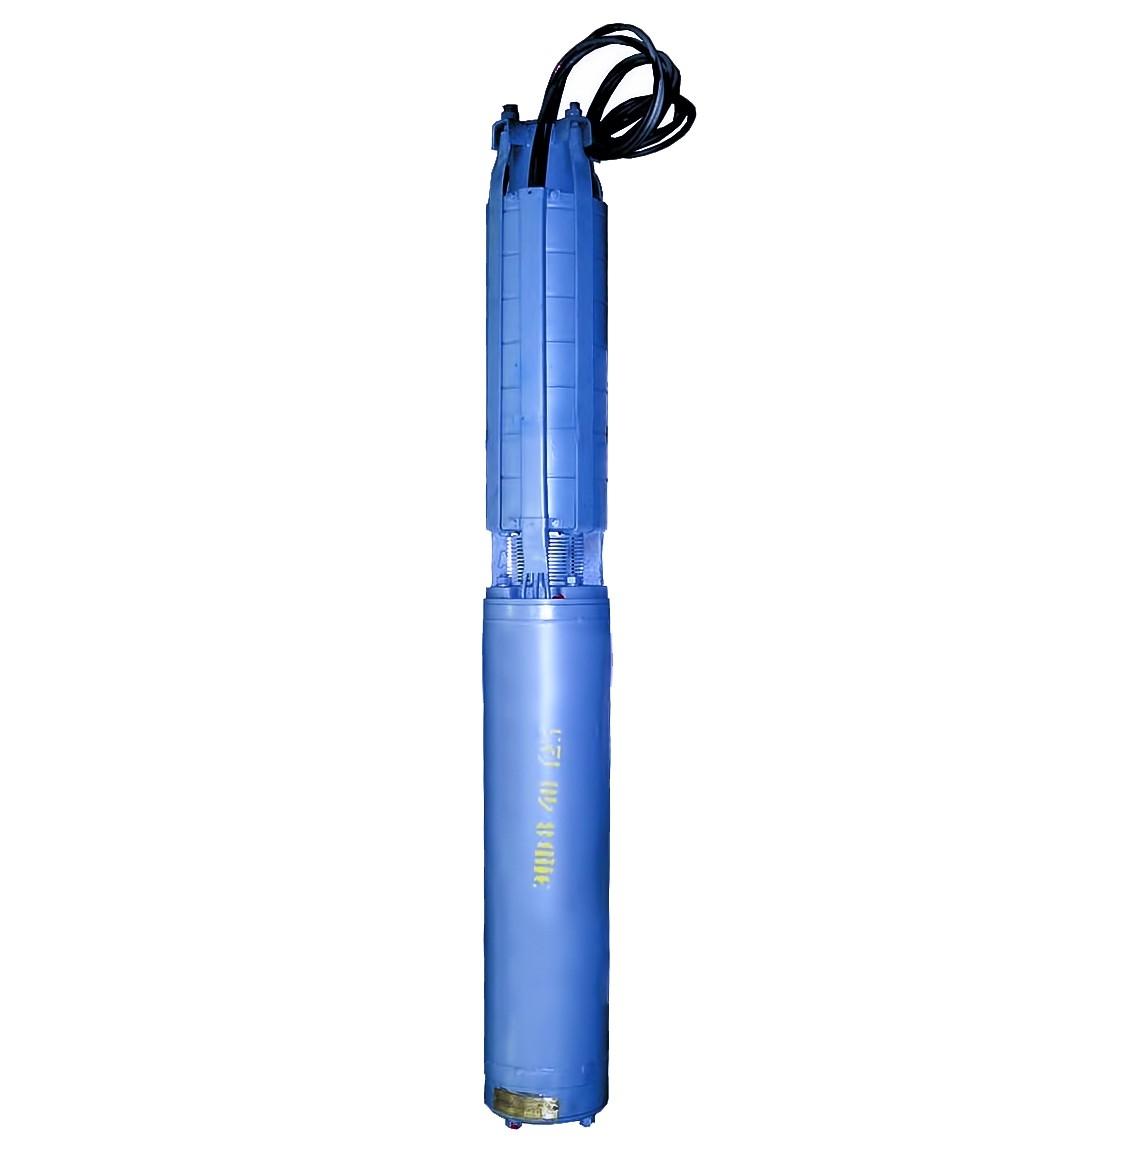 Погружной насос ЭЦВ 6-6,5-160 армлен